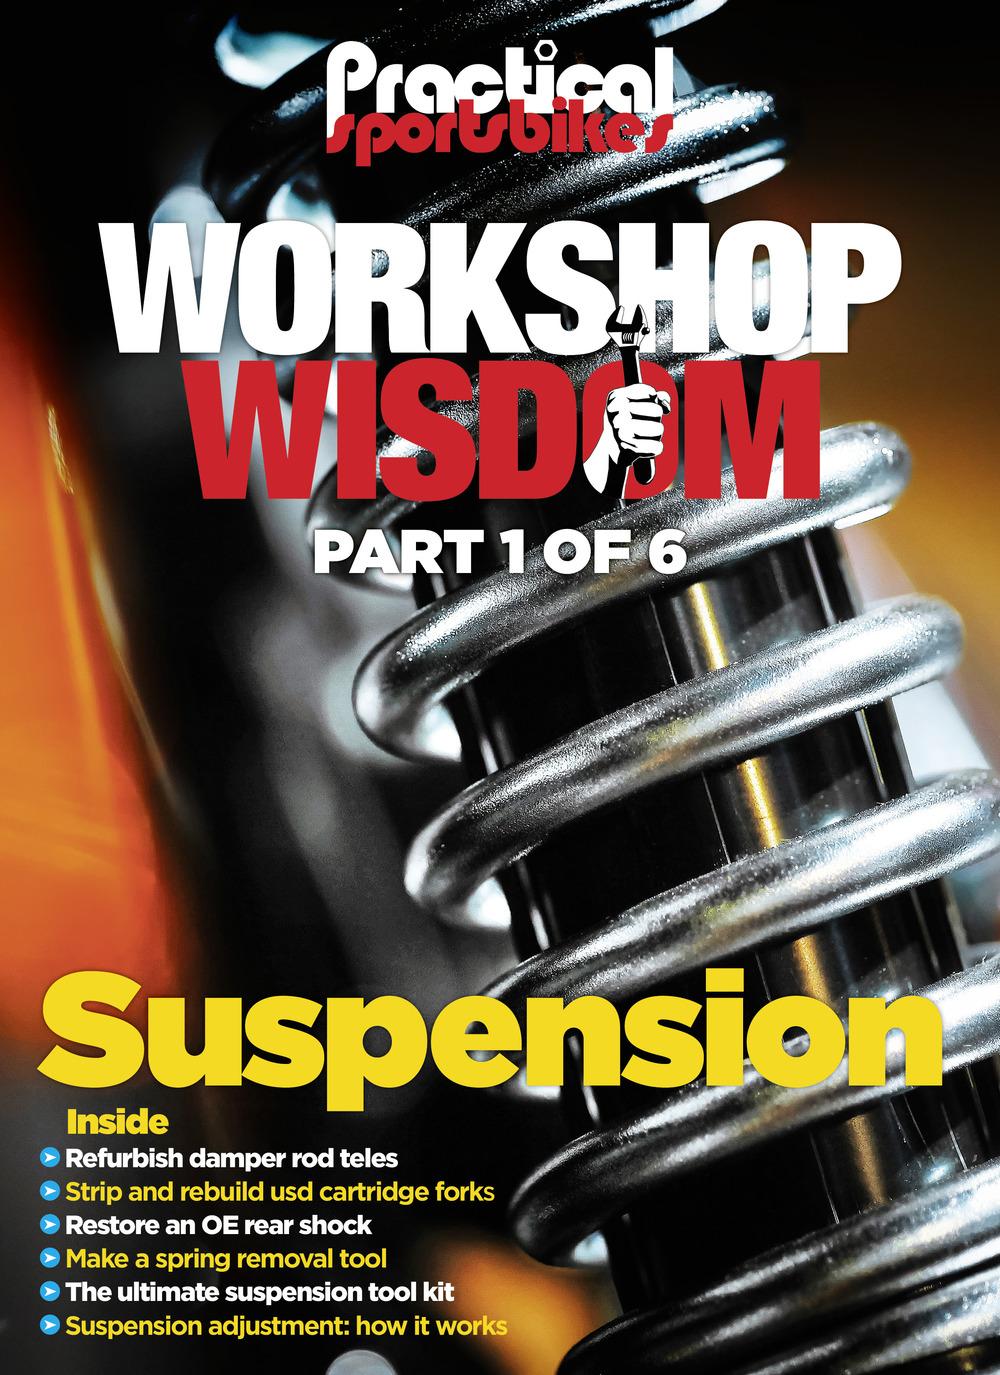 Workshop Wisdom issue 1: Suspension